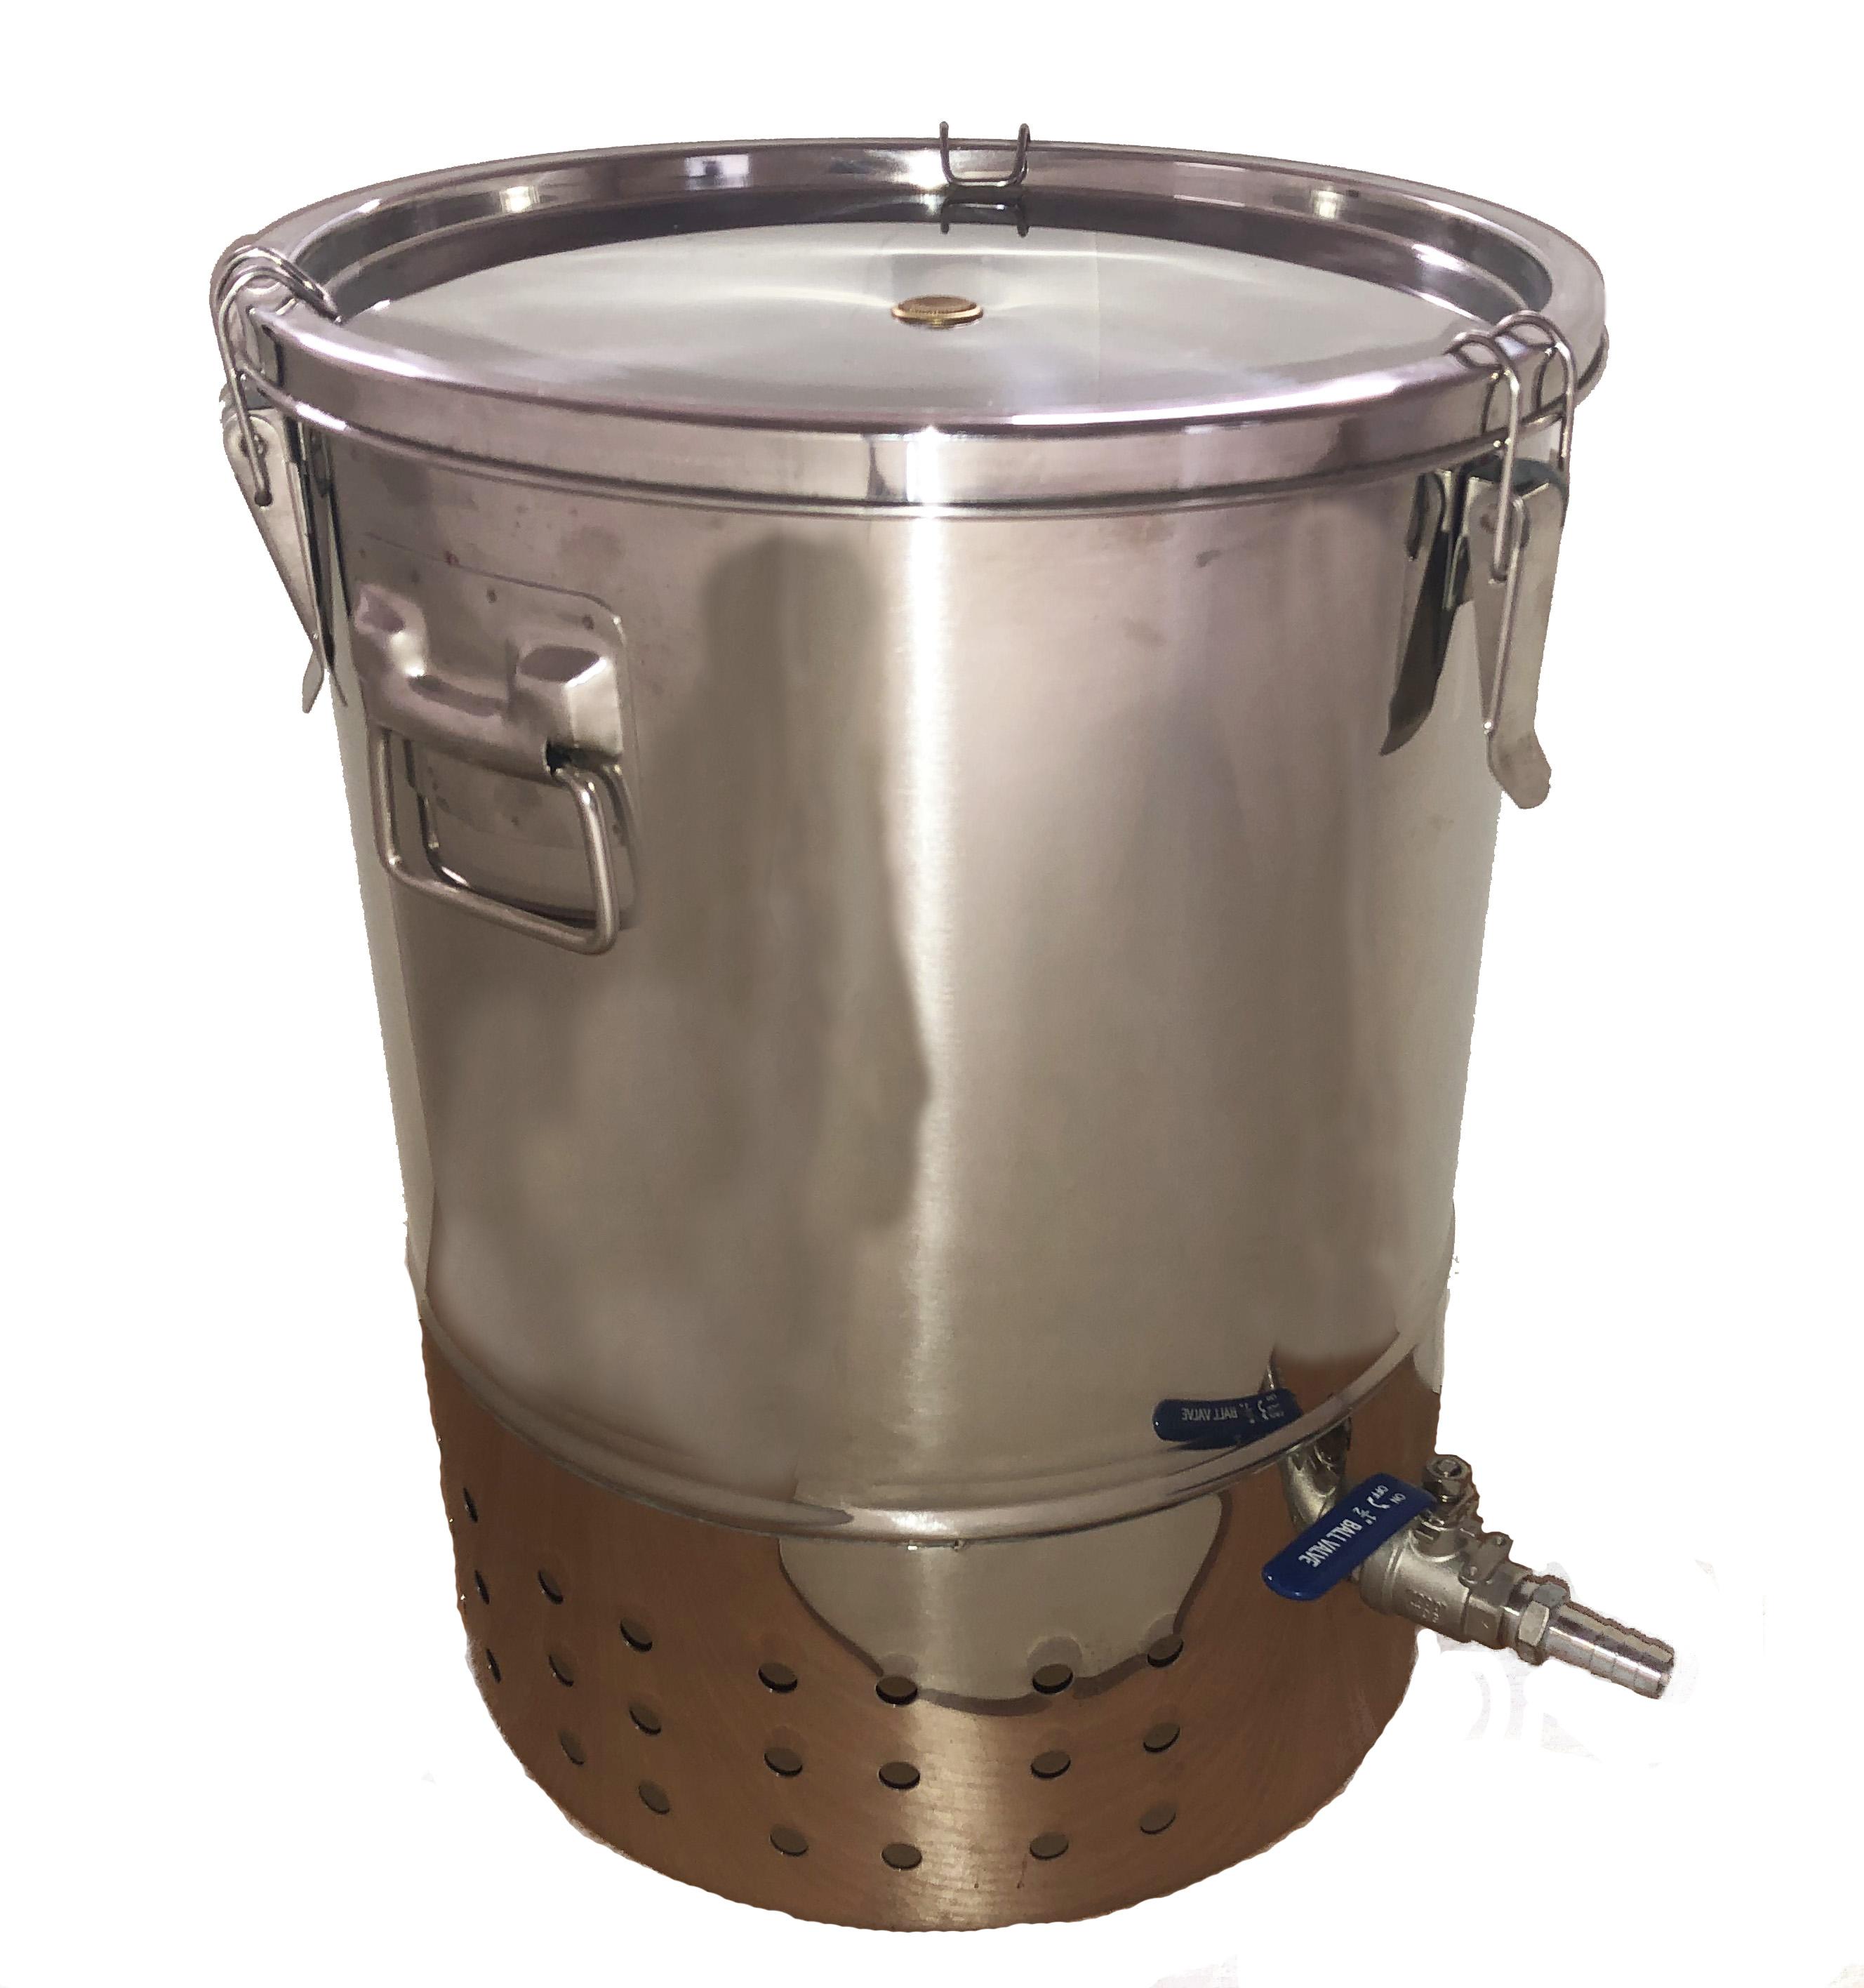 Deluxe Stainless Steel Indoor Wormery Composter